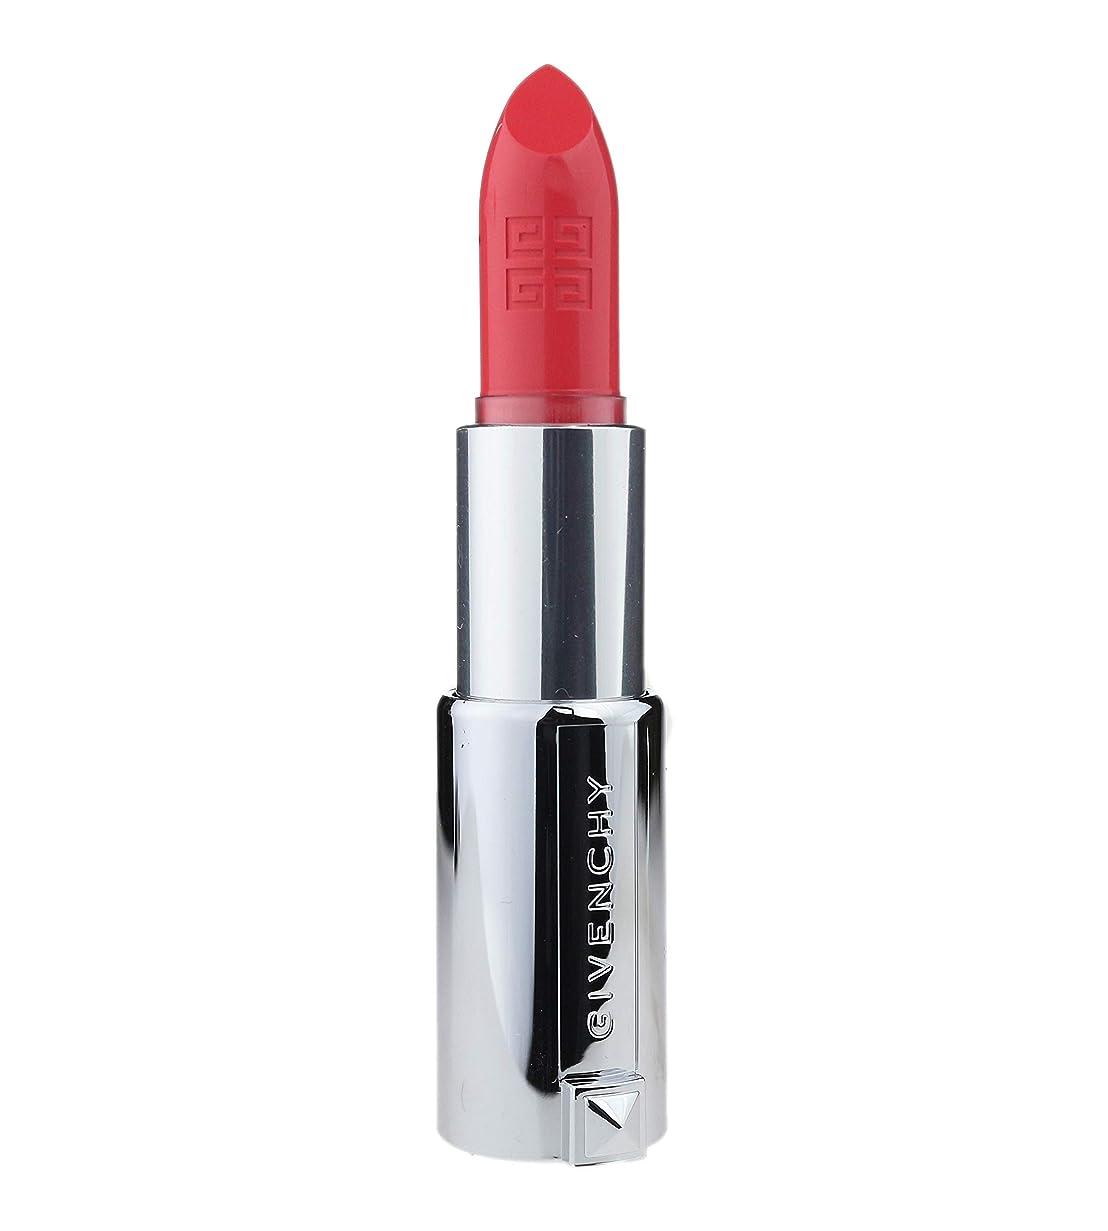 従来の些細理容師ジバンシィ Le Rouge Intense Color Sensuously Mat Lipstick - # 324 Corail Backstage (Genuine Leather Case) 3.4g/0.12oz並行輸入品